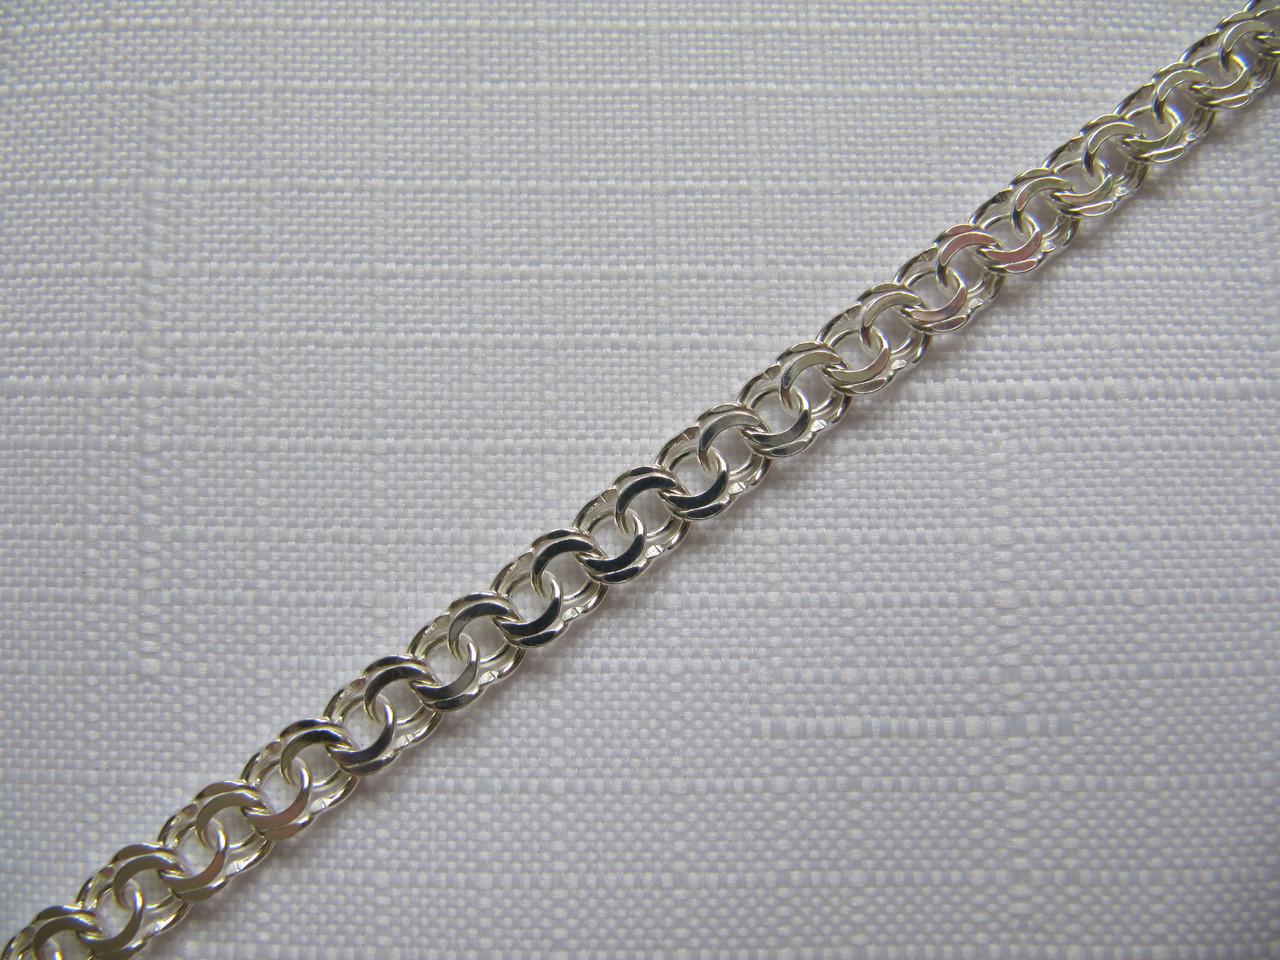 Серебряный браслет ГАРИБАЛЬДИ (БИСМАРК) 5.5 мм 20 см